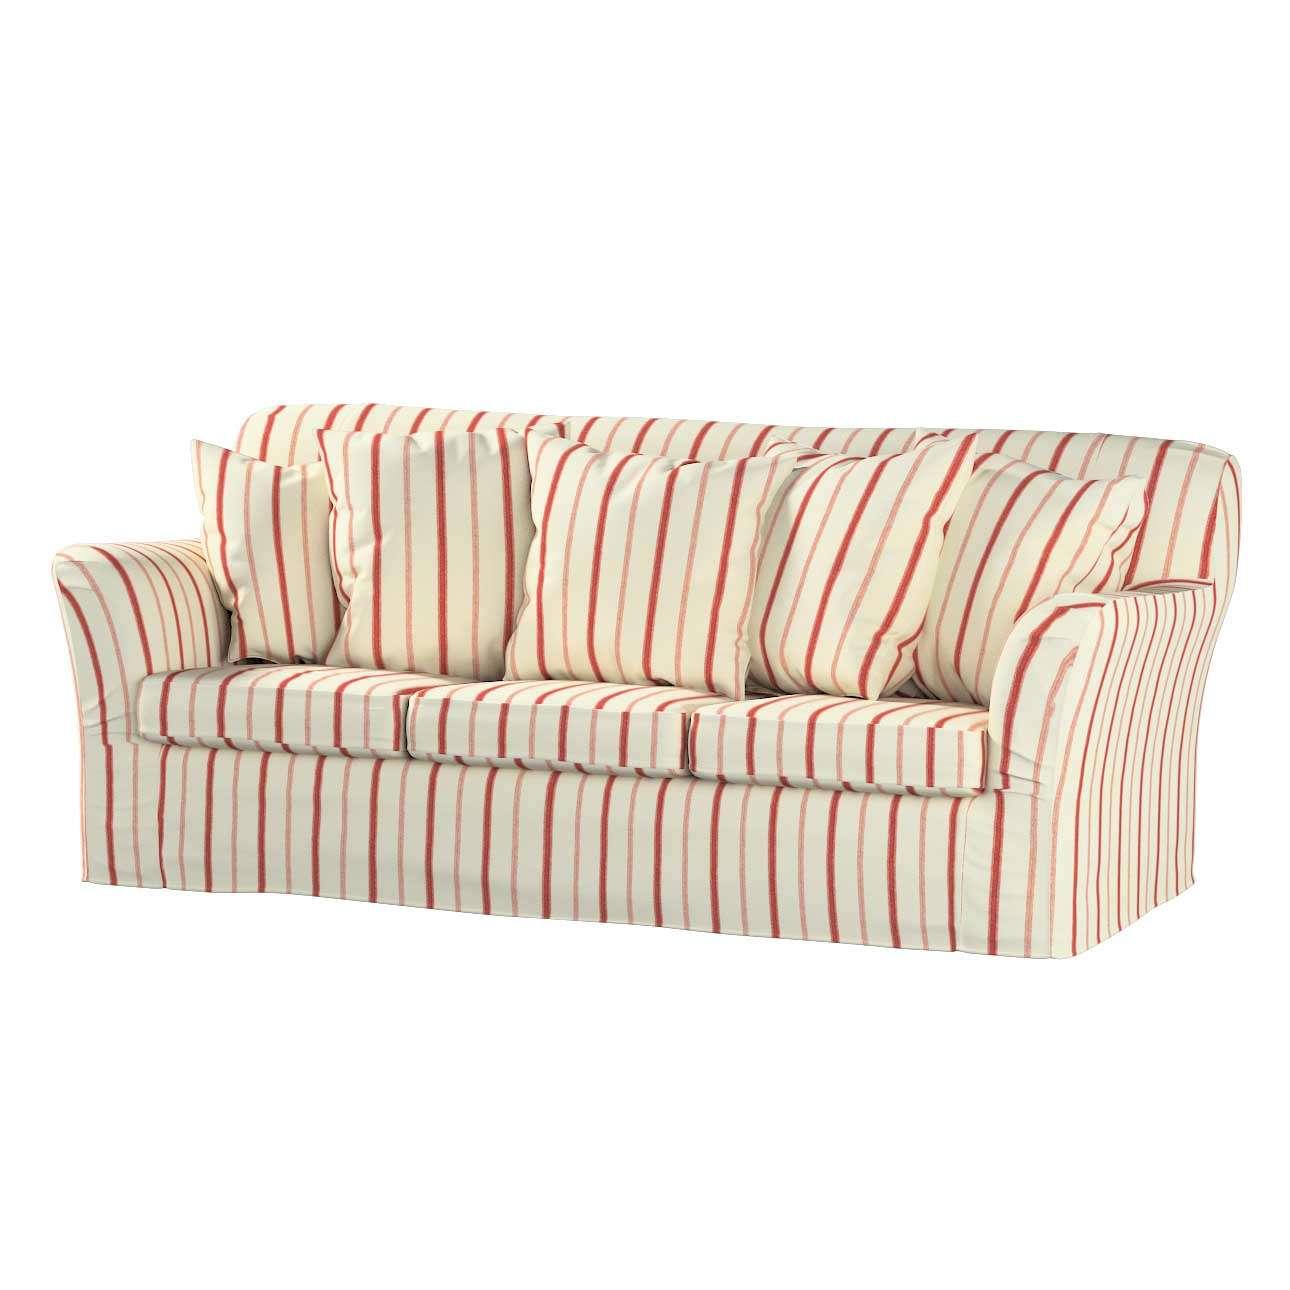 Tomelilla 3-Sitzer Sofabezug nicht ausklappbar Sofahusse, Tomelilla 3-Sitzer von der Kollektion Avinon, Stoff: 129-15